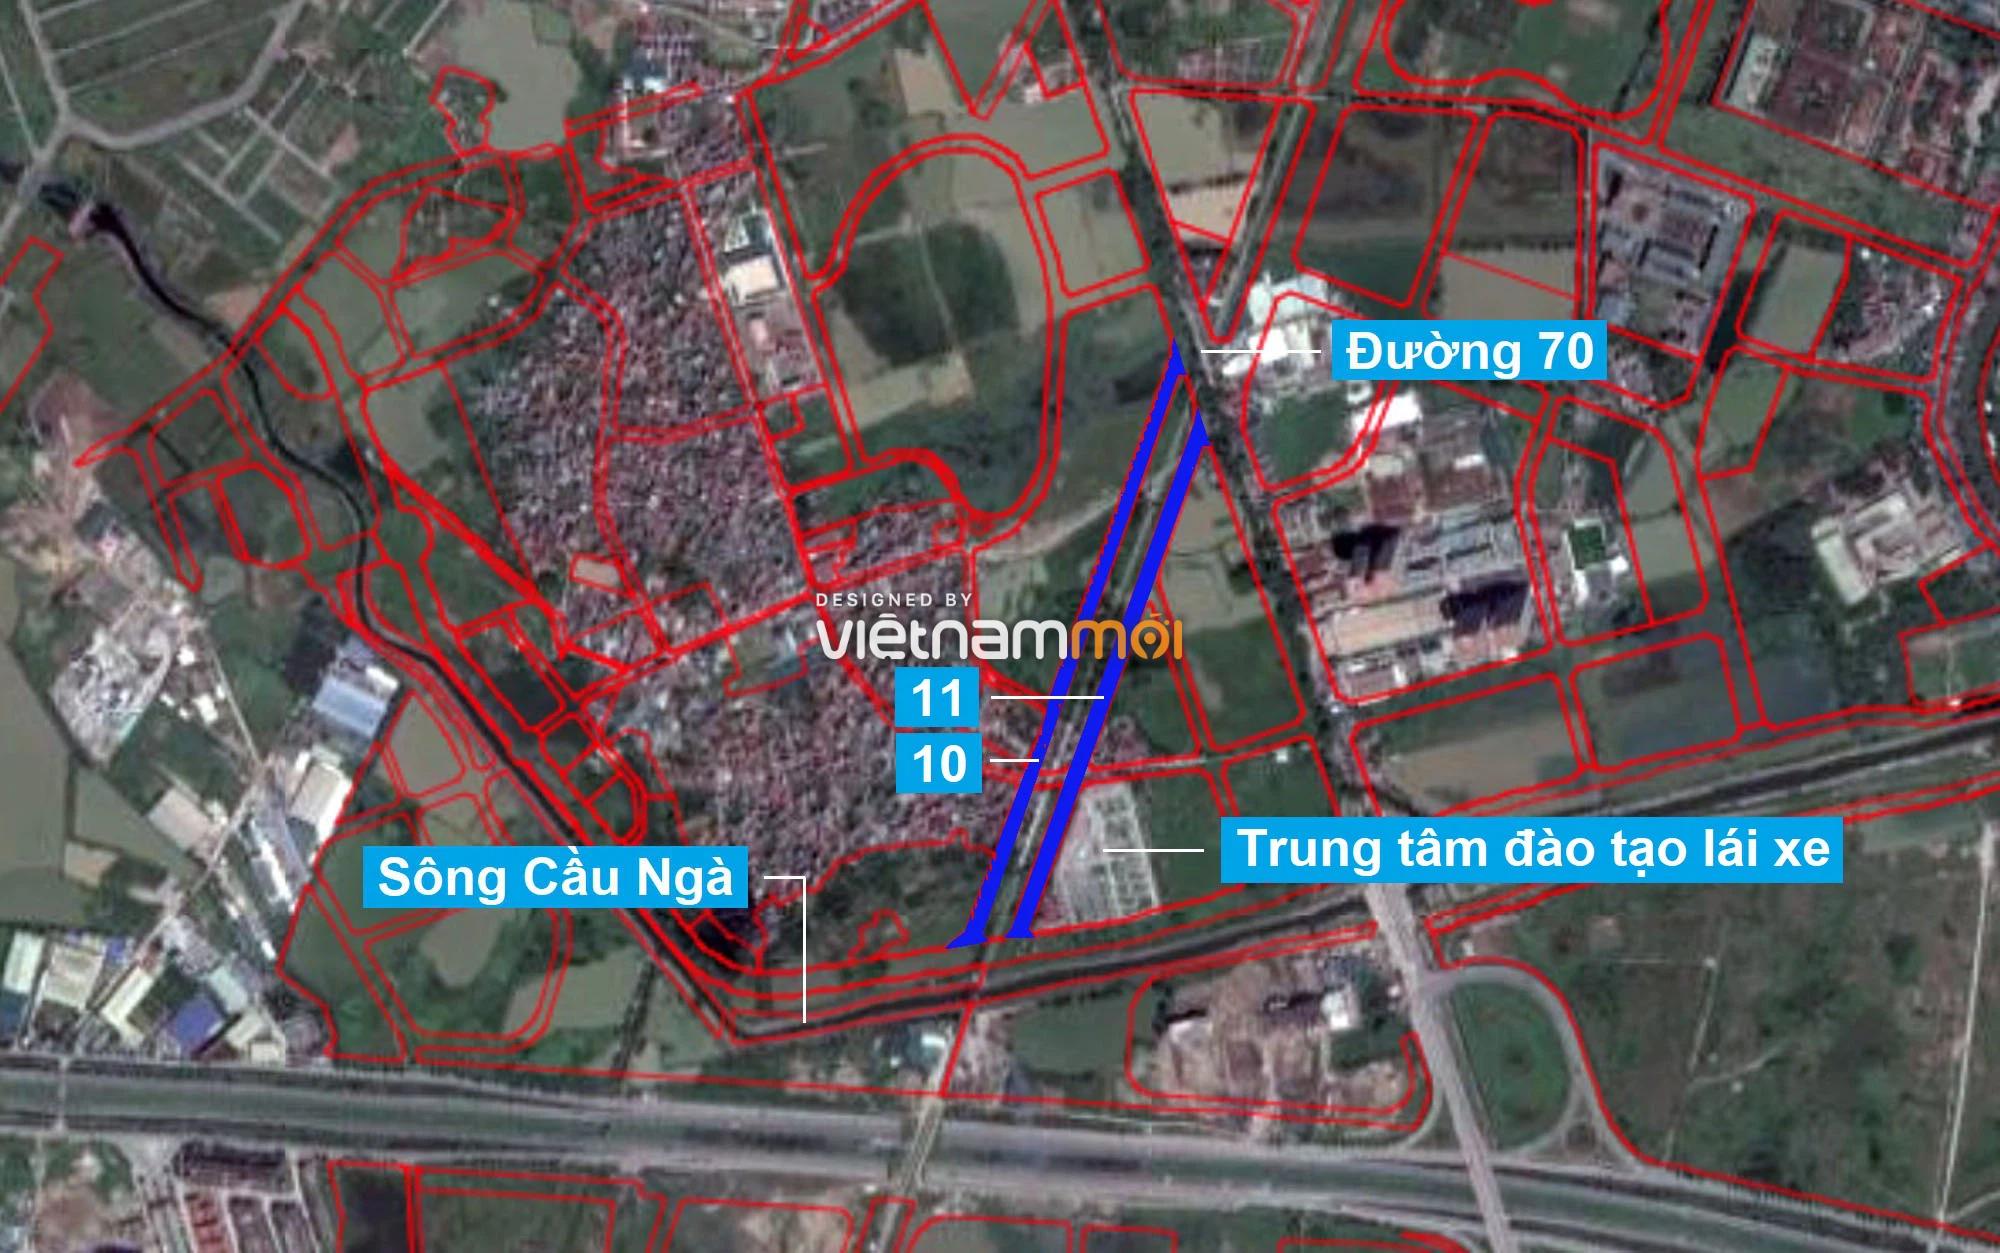 Những khu đất sắp thu hồi để mở đường ở phường Tây Mỗ, Nam Từ Liêm, Hà Nội (phần 4) - Ảnh 7.